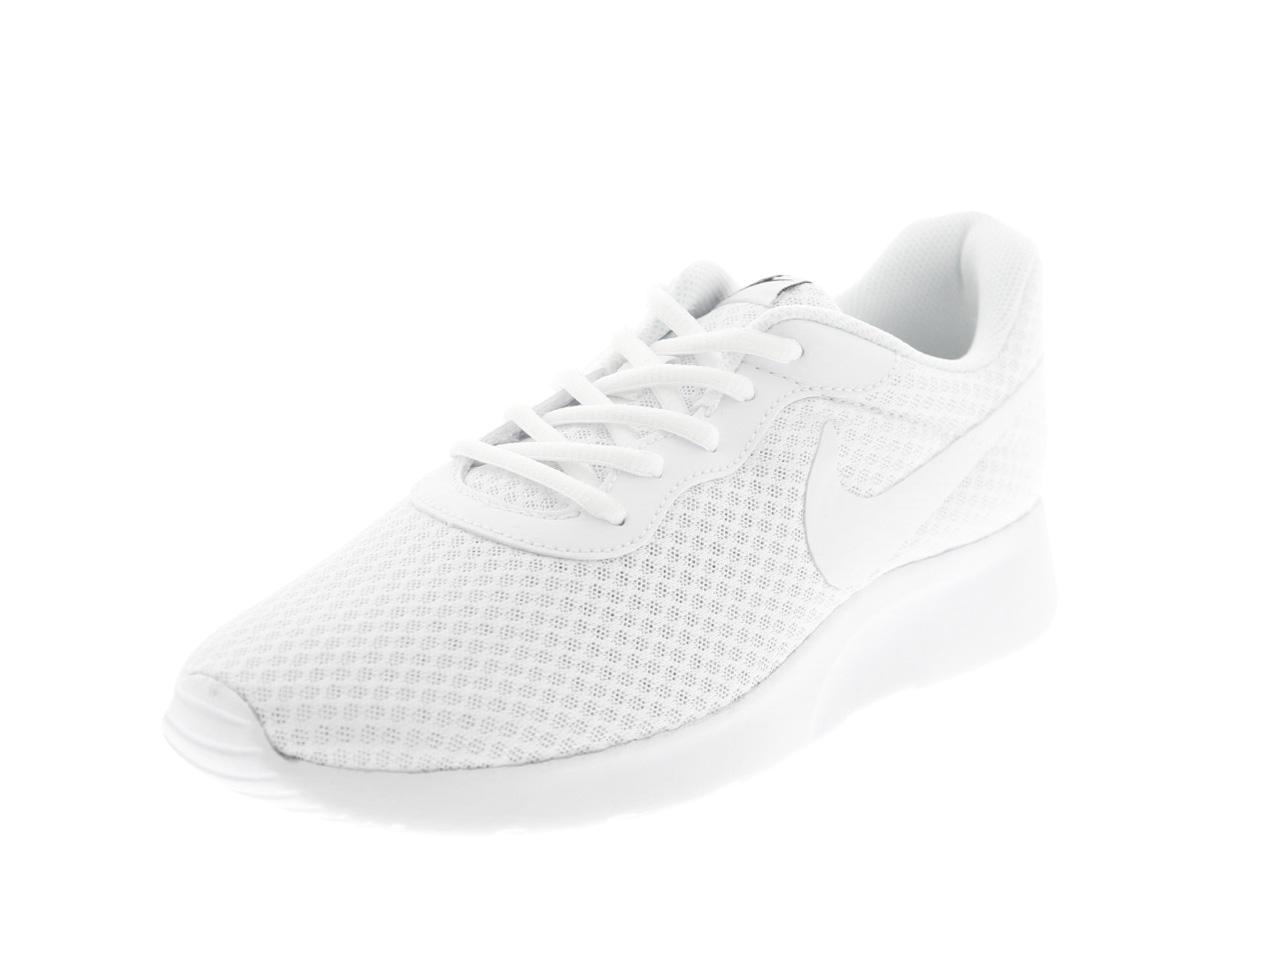 NIKE TANJUN (812654-110) WHITE/WHITE-BLACK